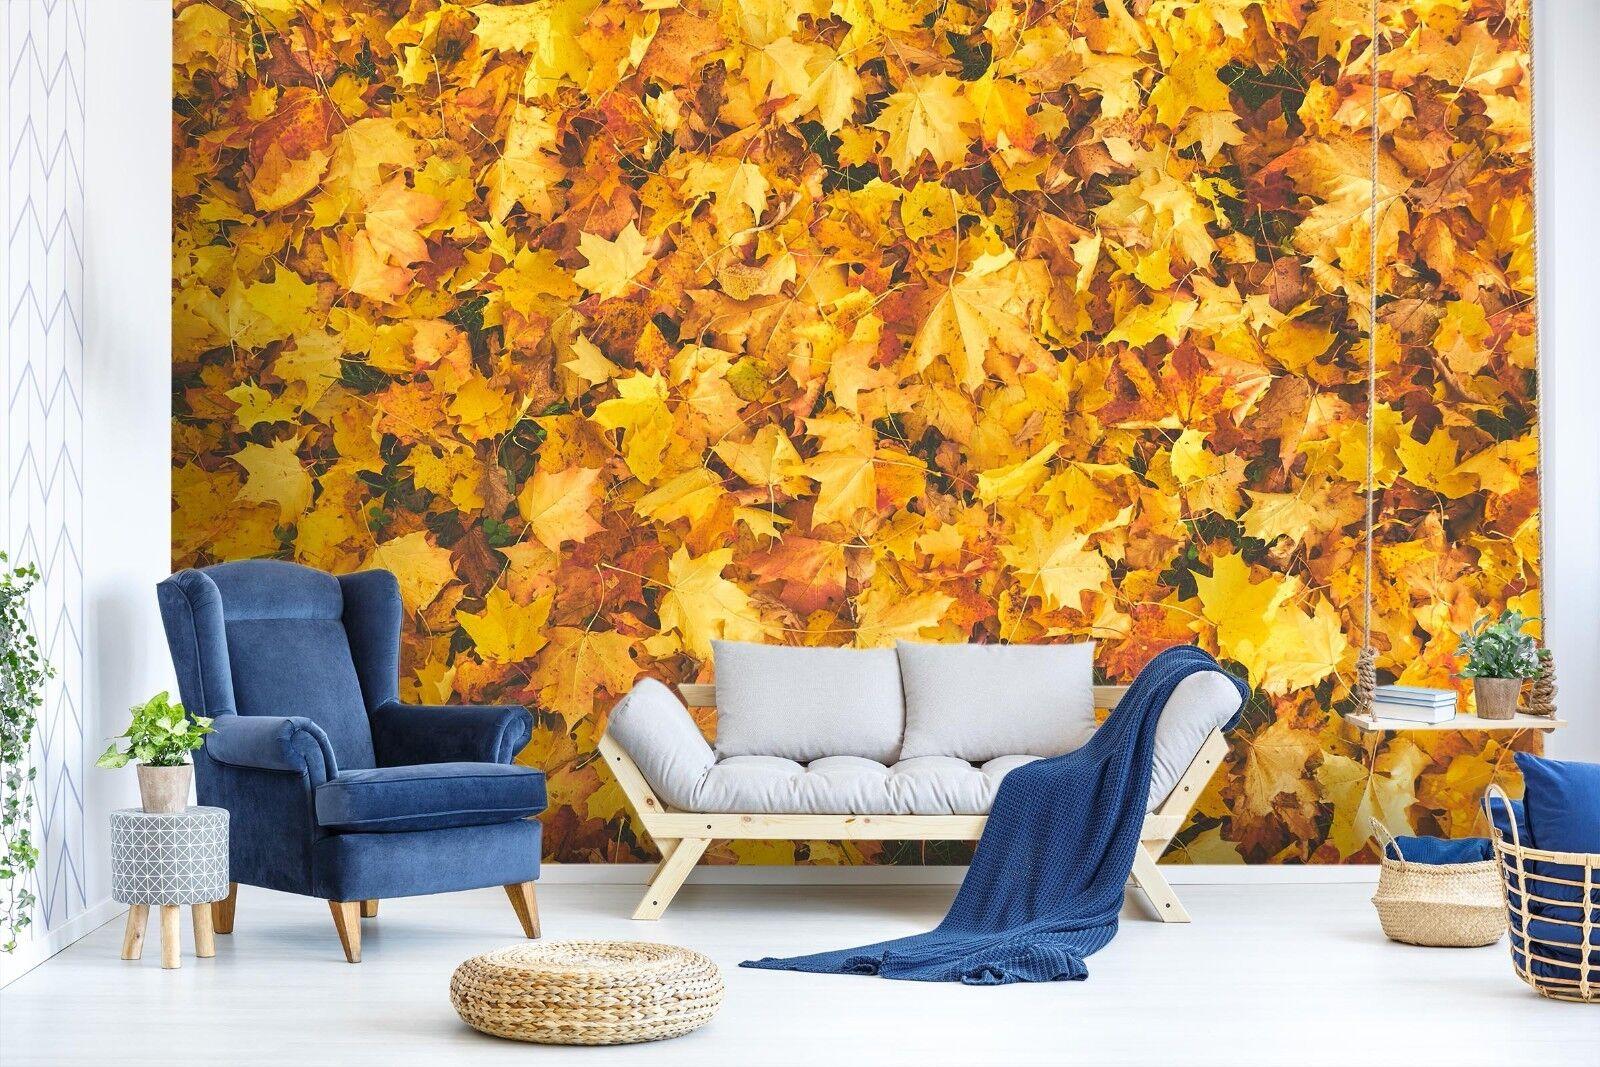 3D Gelb Maple Leaf 89 Wallpaper Mural Paper Wall Print Murals UK Lemon